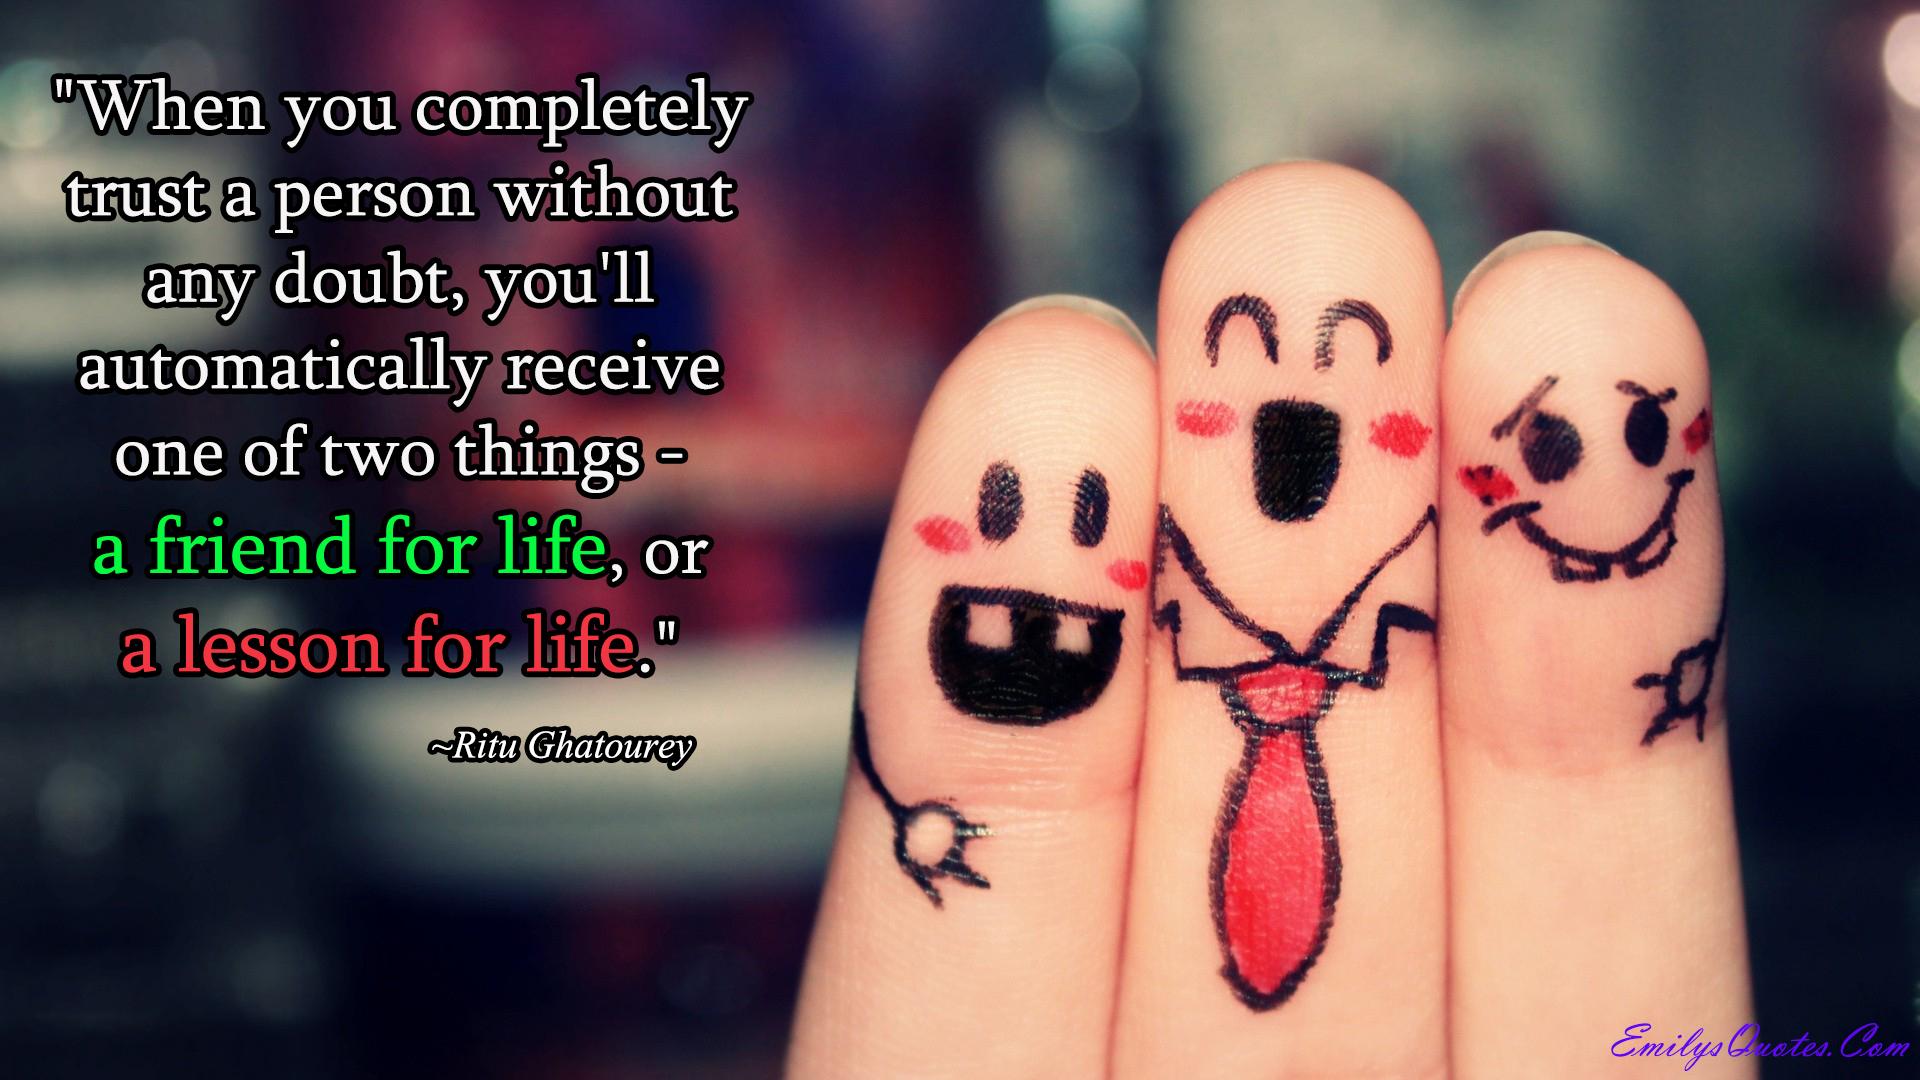 EmilysQuotes.Com - trust, friendship, lesson, life, Ritu Ghatourey